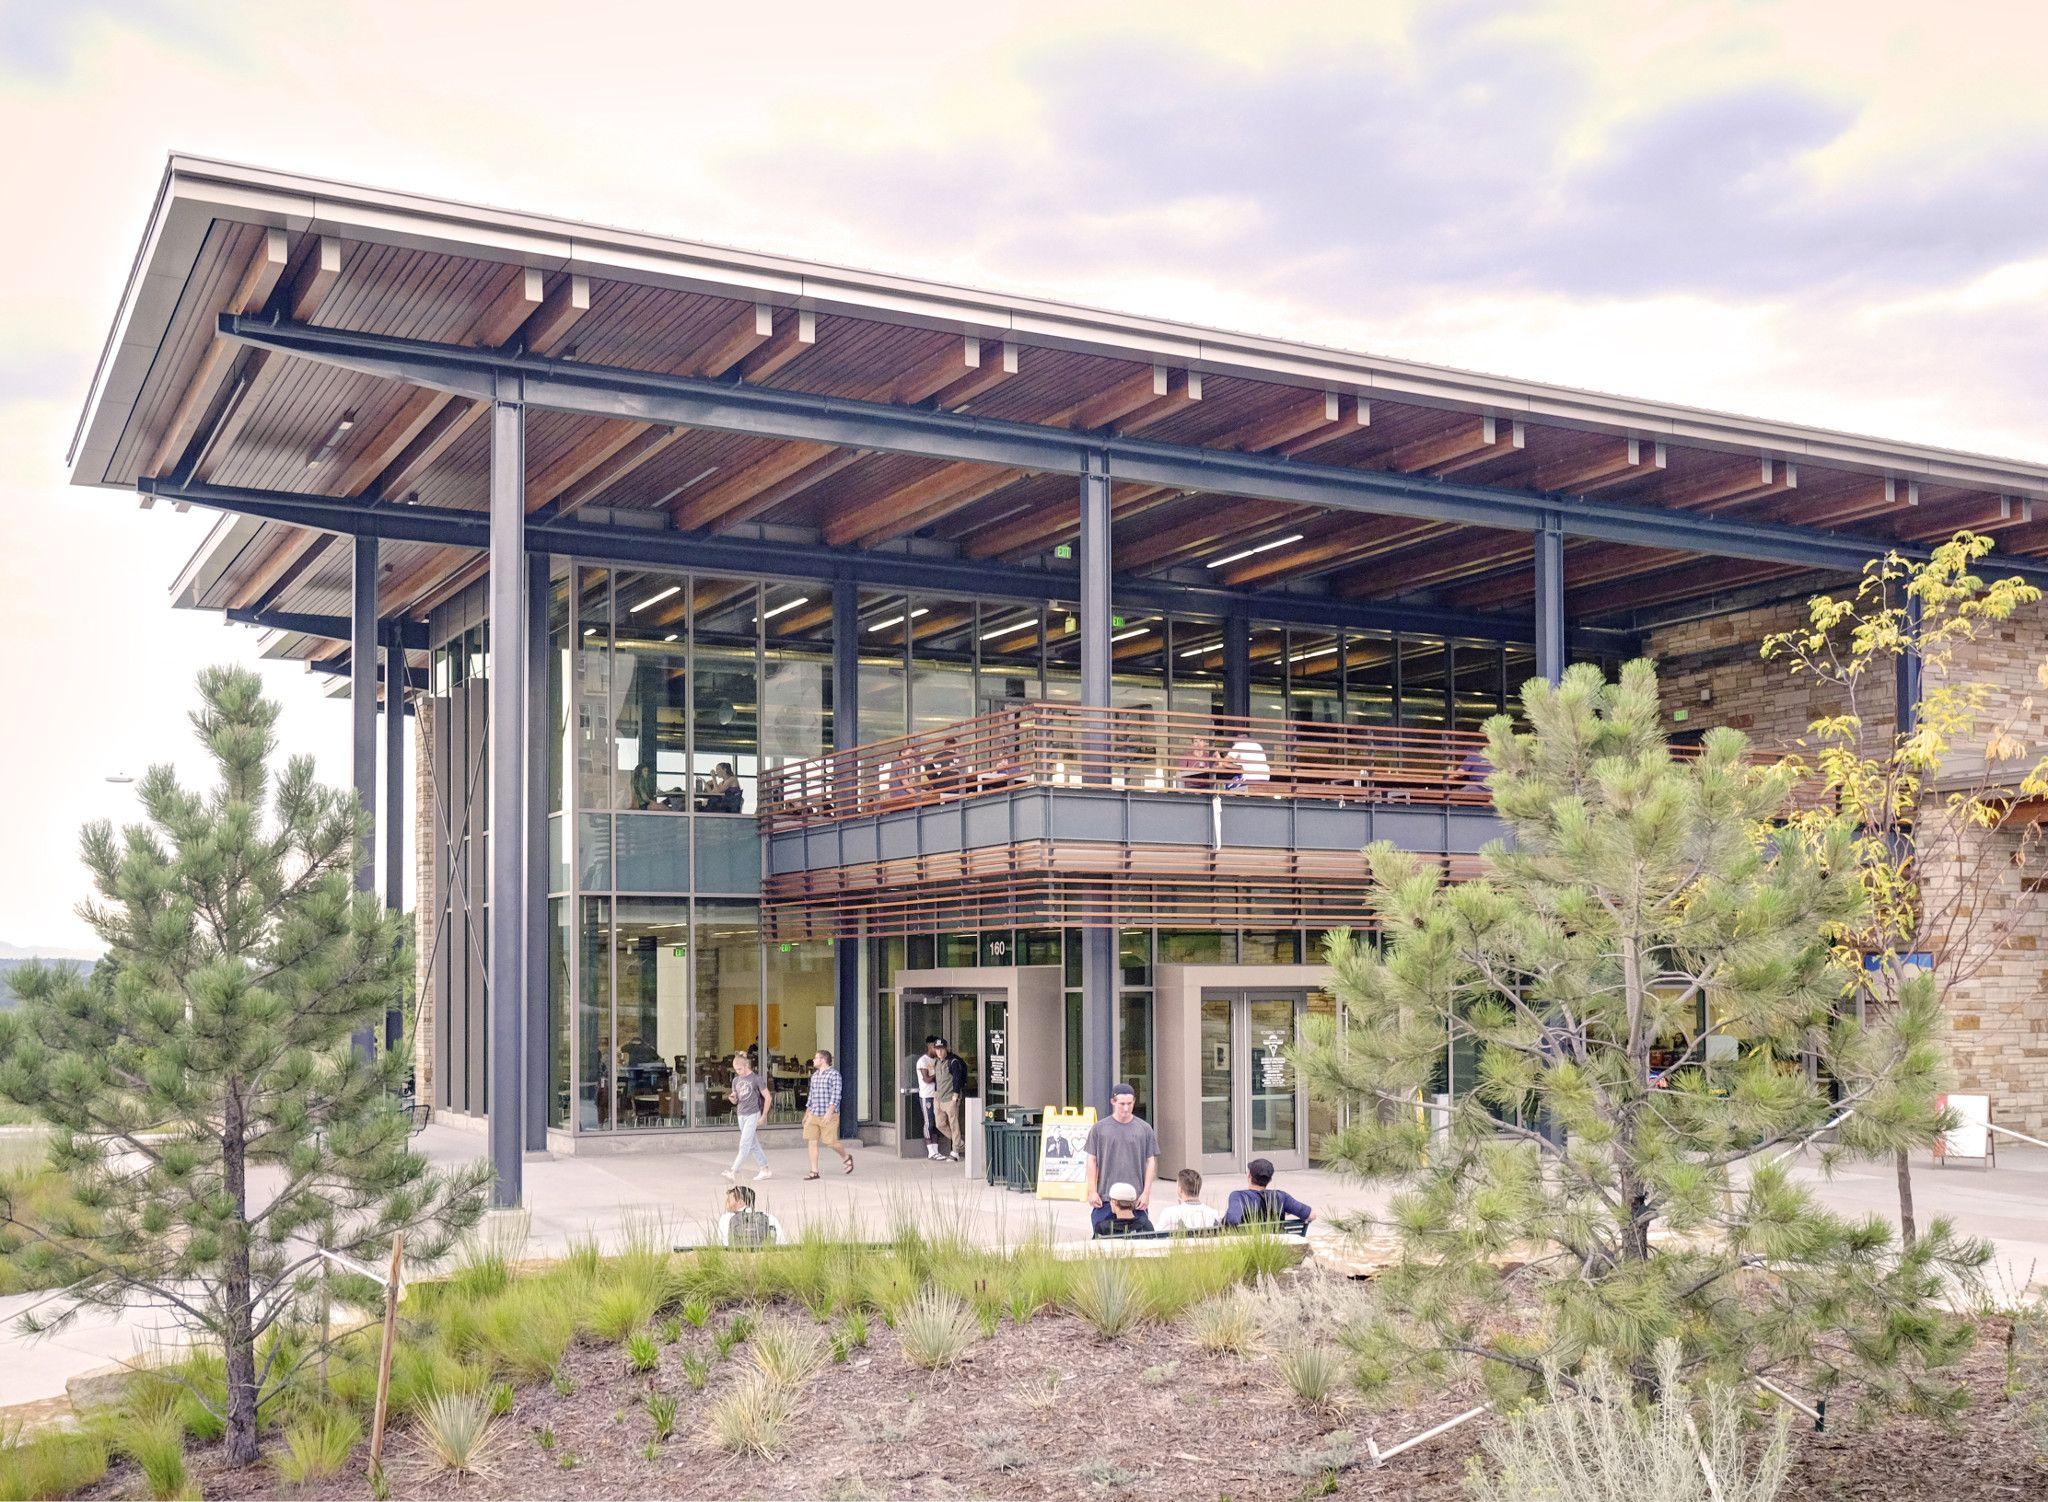 UCCS Village at Alpine Valley & Roaring Fork Dining Hall